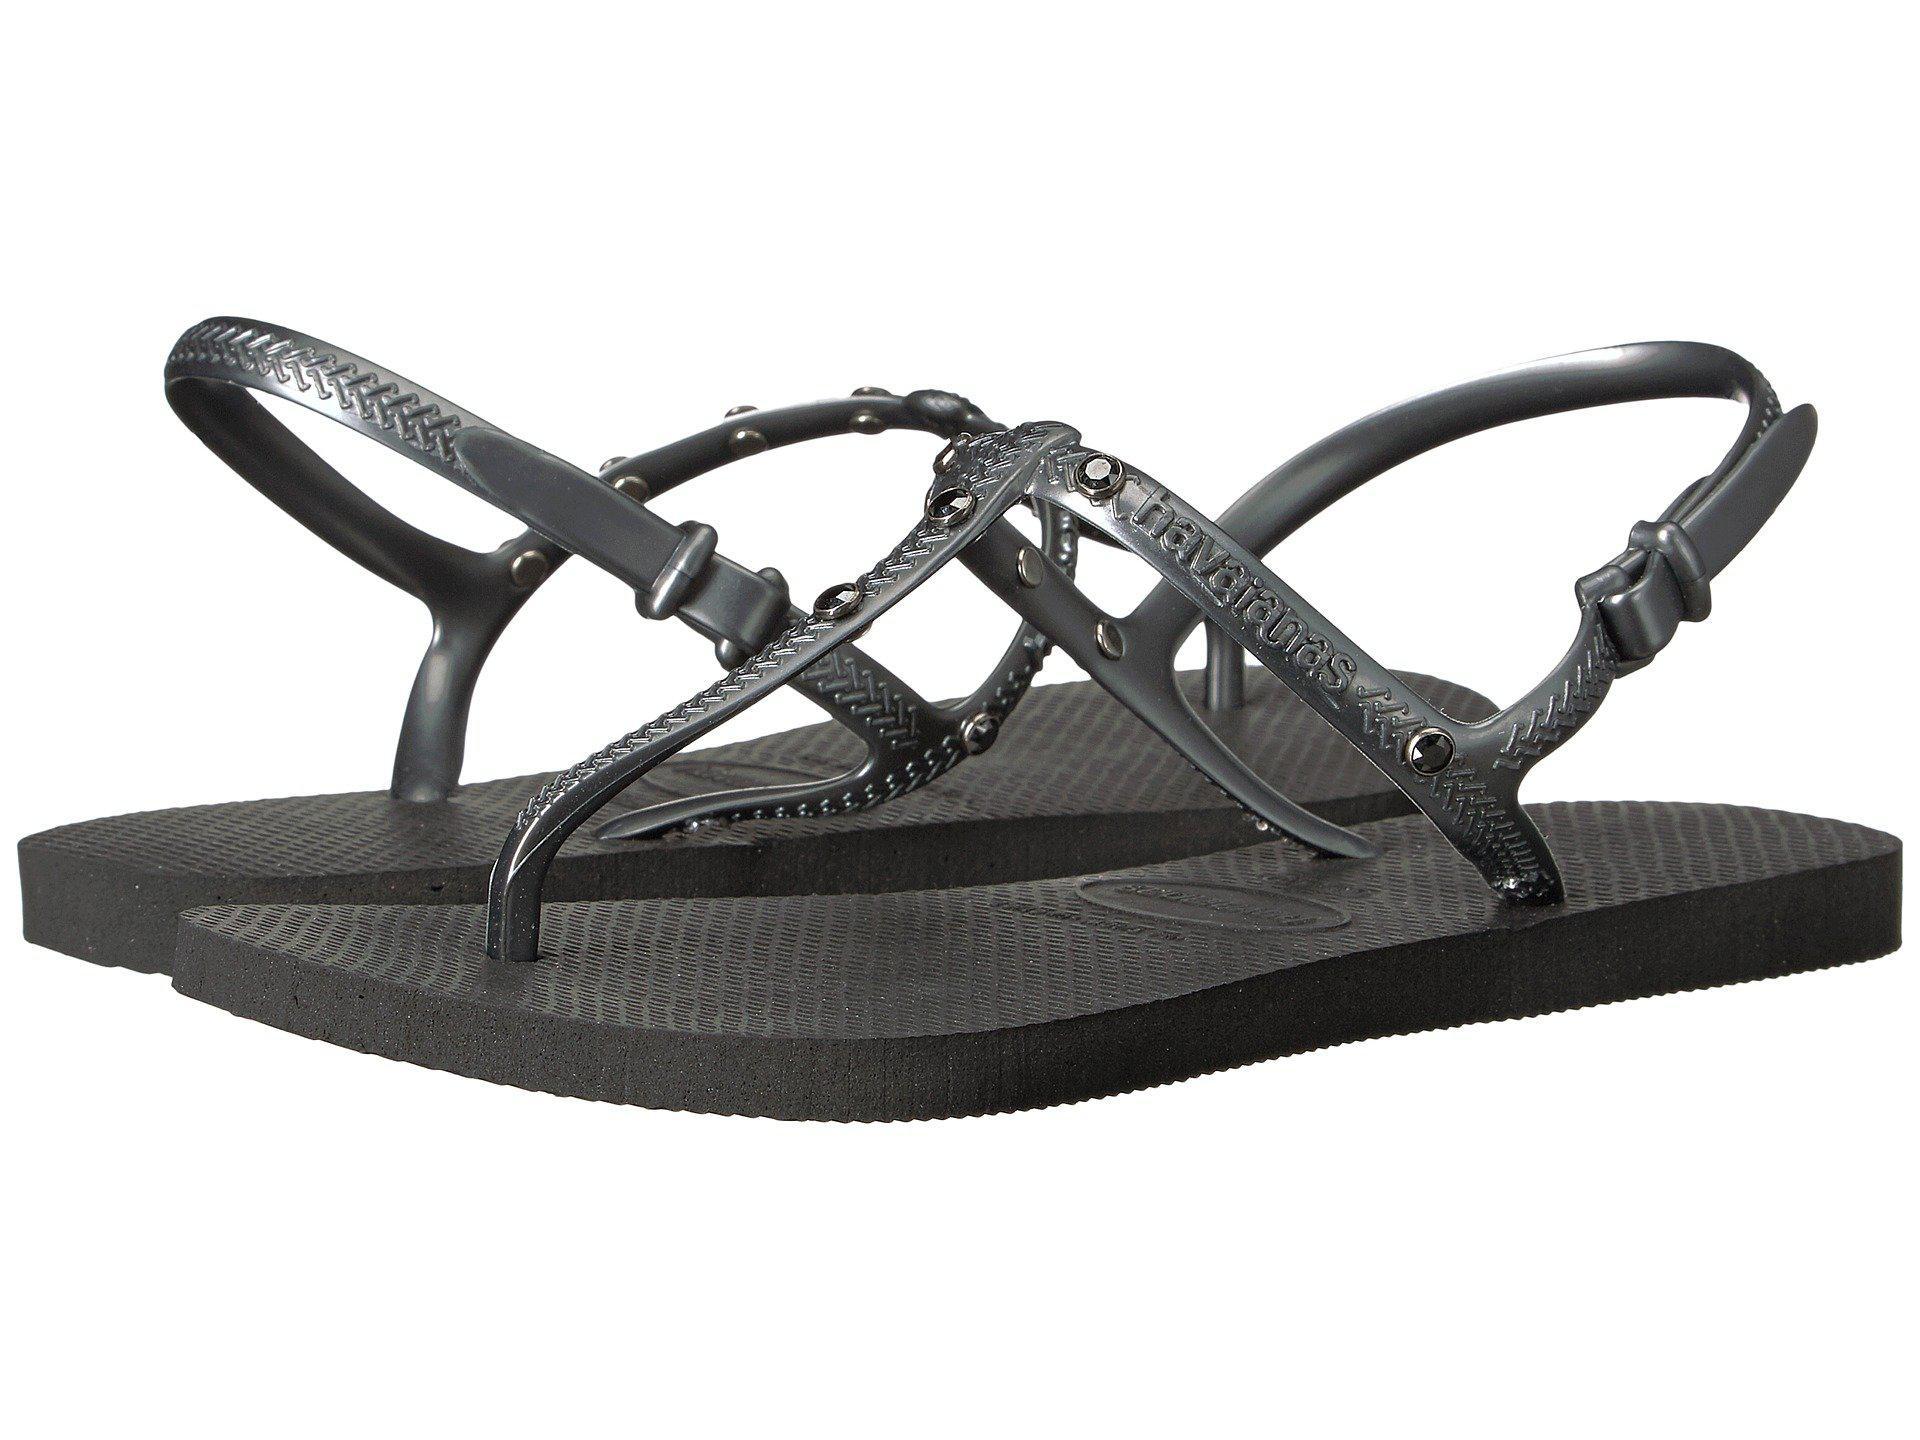 a0786d3a8 ... a9aca9cedafc5e Lyst - Havaianas Freedom Crystal Sw Flip-flops in Black  ...